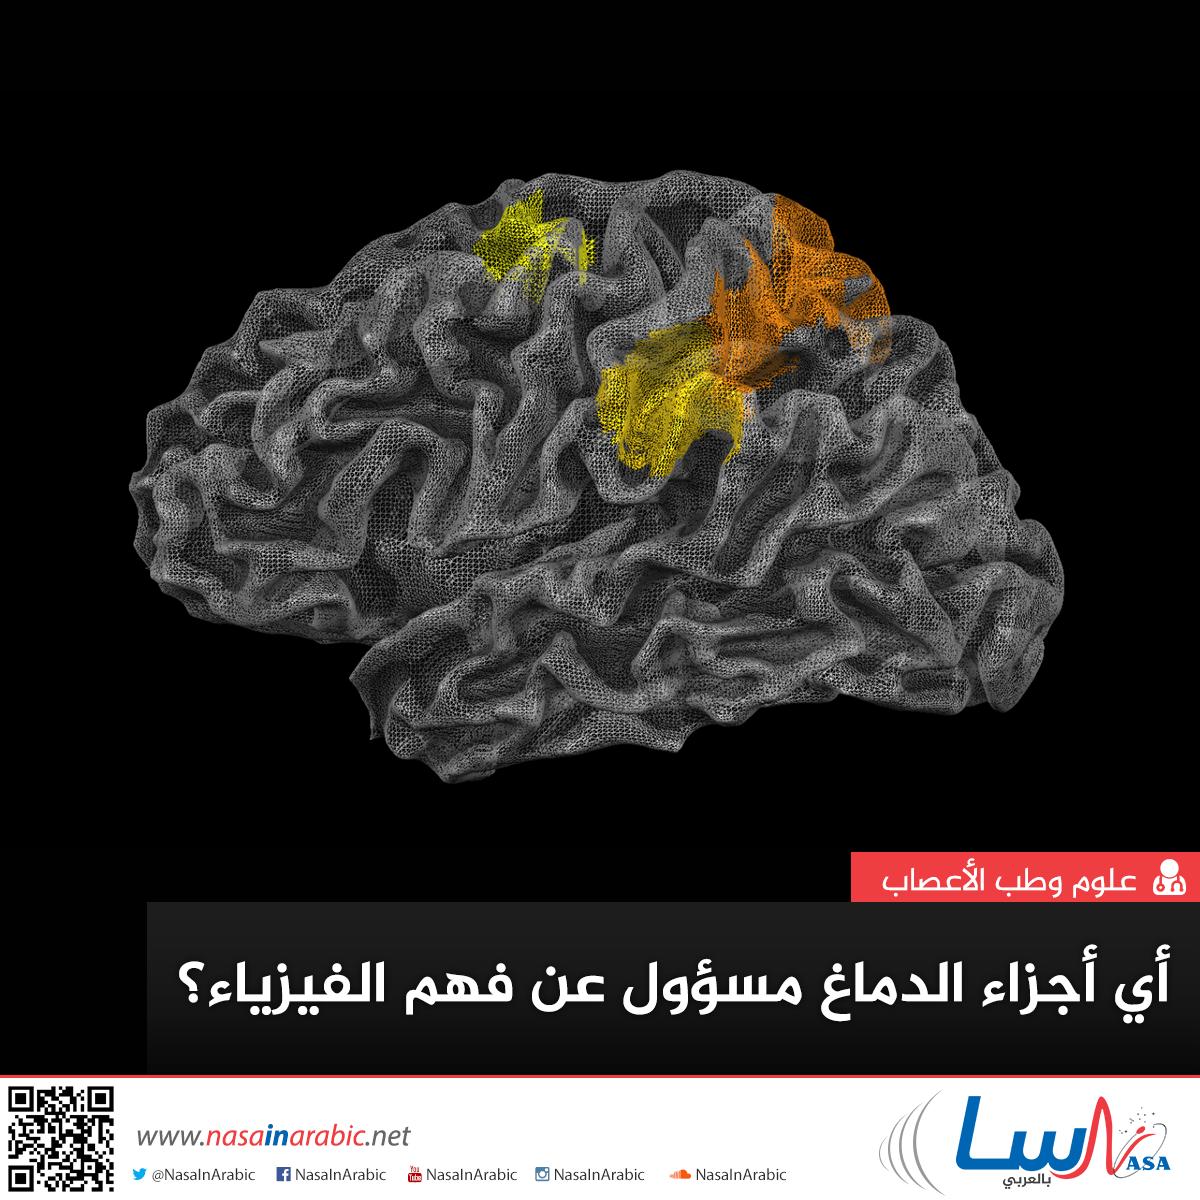 أي أجزاء الدماغ مسؤول عن فهم الفيزياء؟